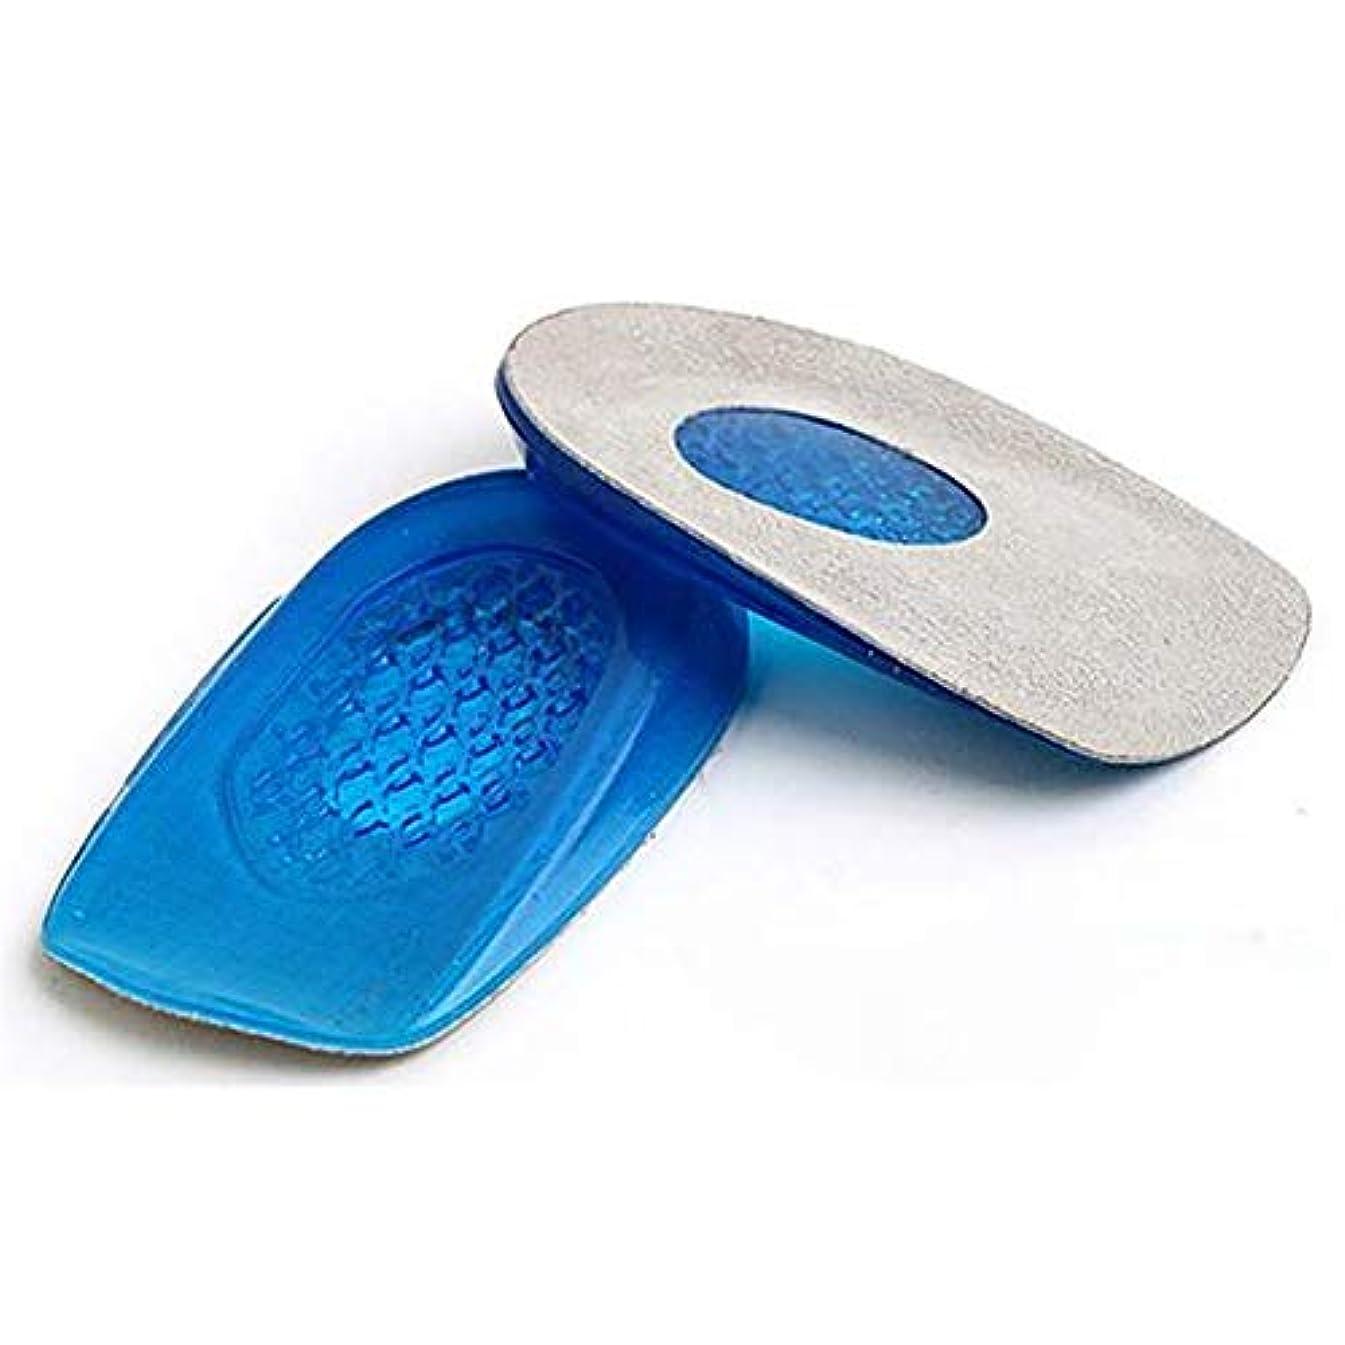 シャワー光景白雪姫女性のシリコーンゲルパッド靴かかとクッション痛み救済挿入インソール Shangxiangtrade (Color : Blue S)